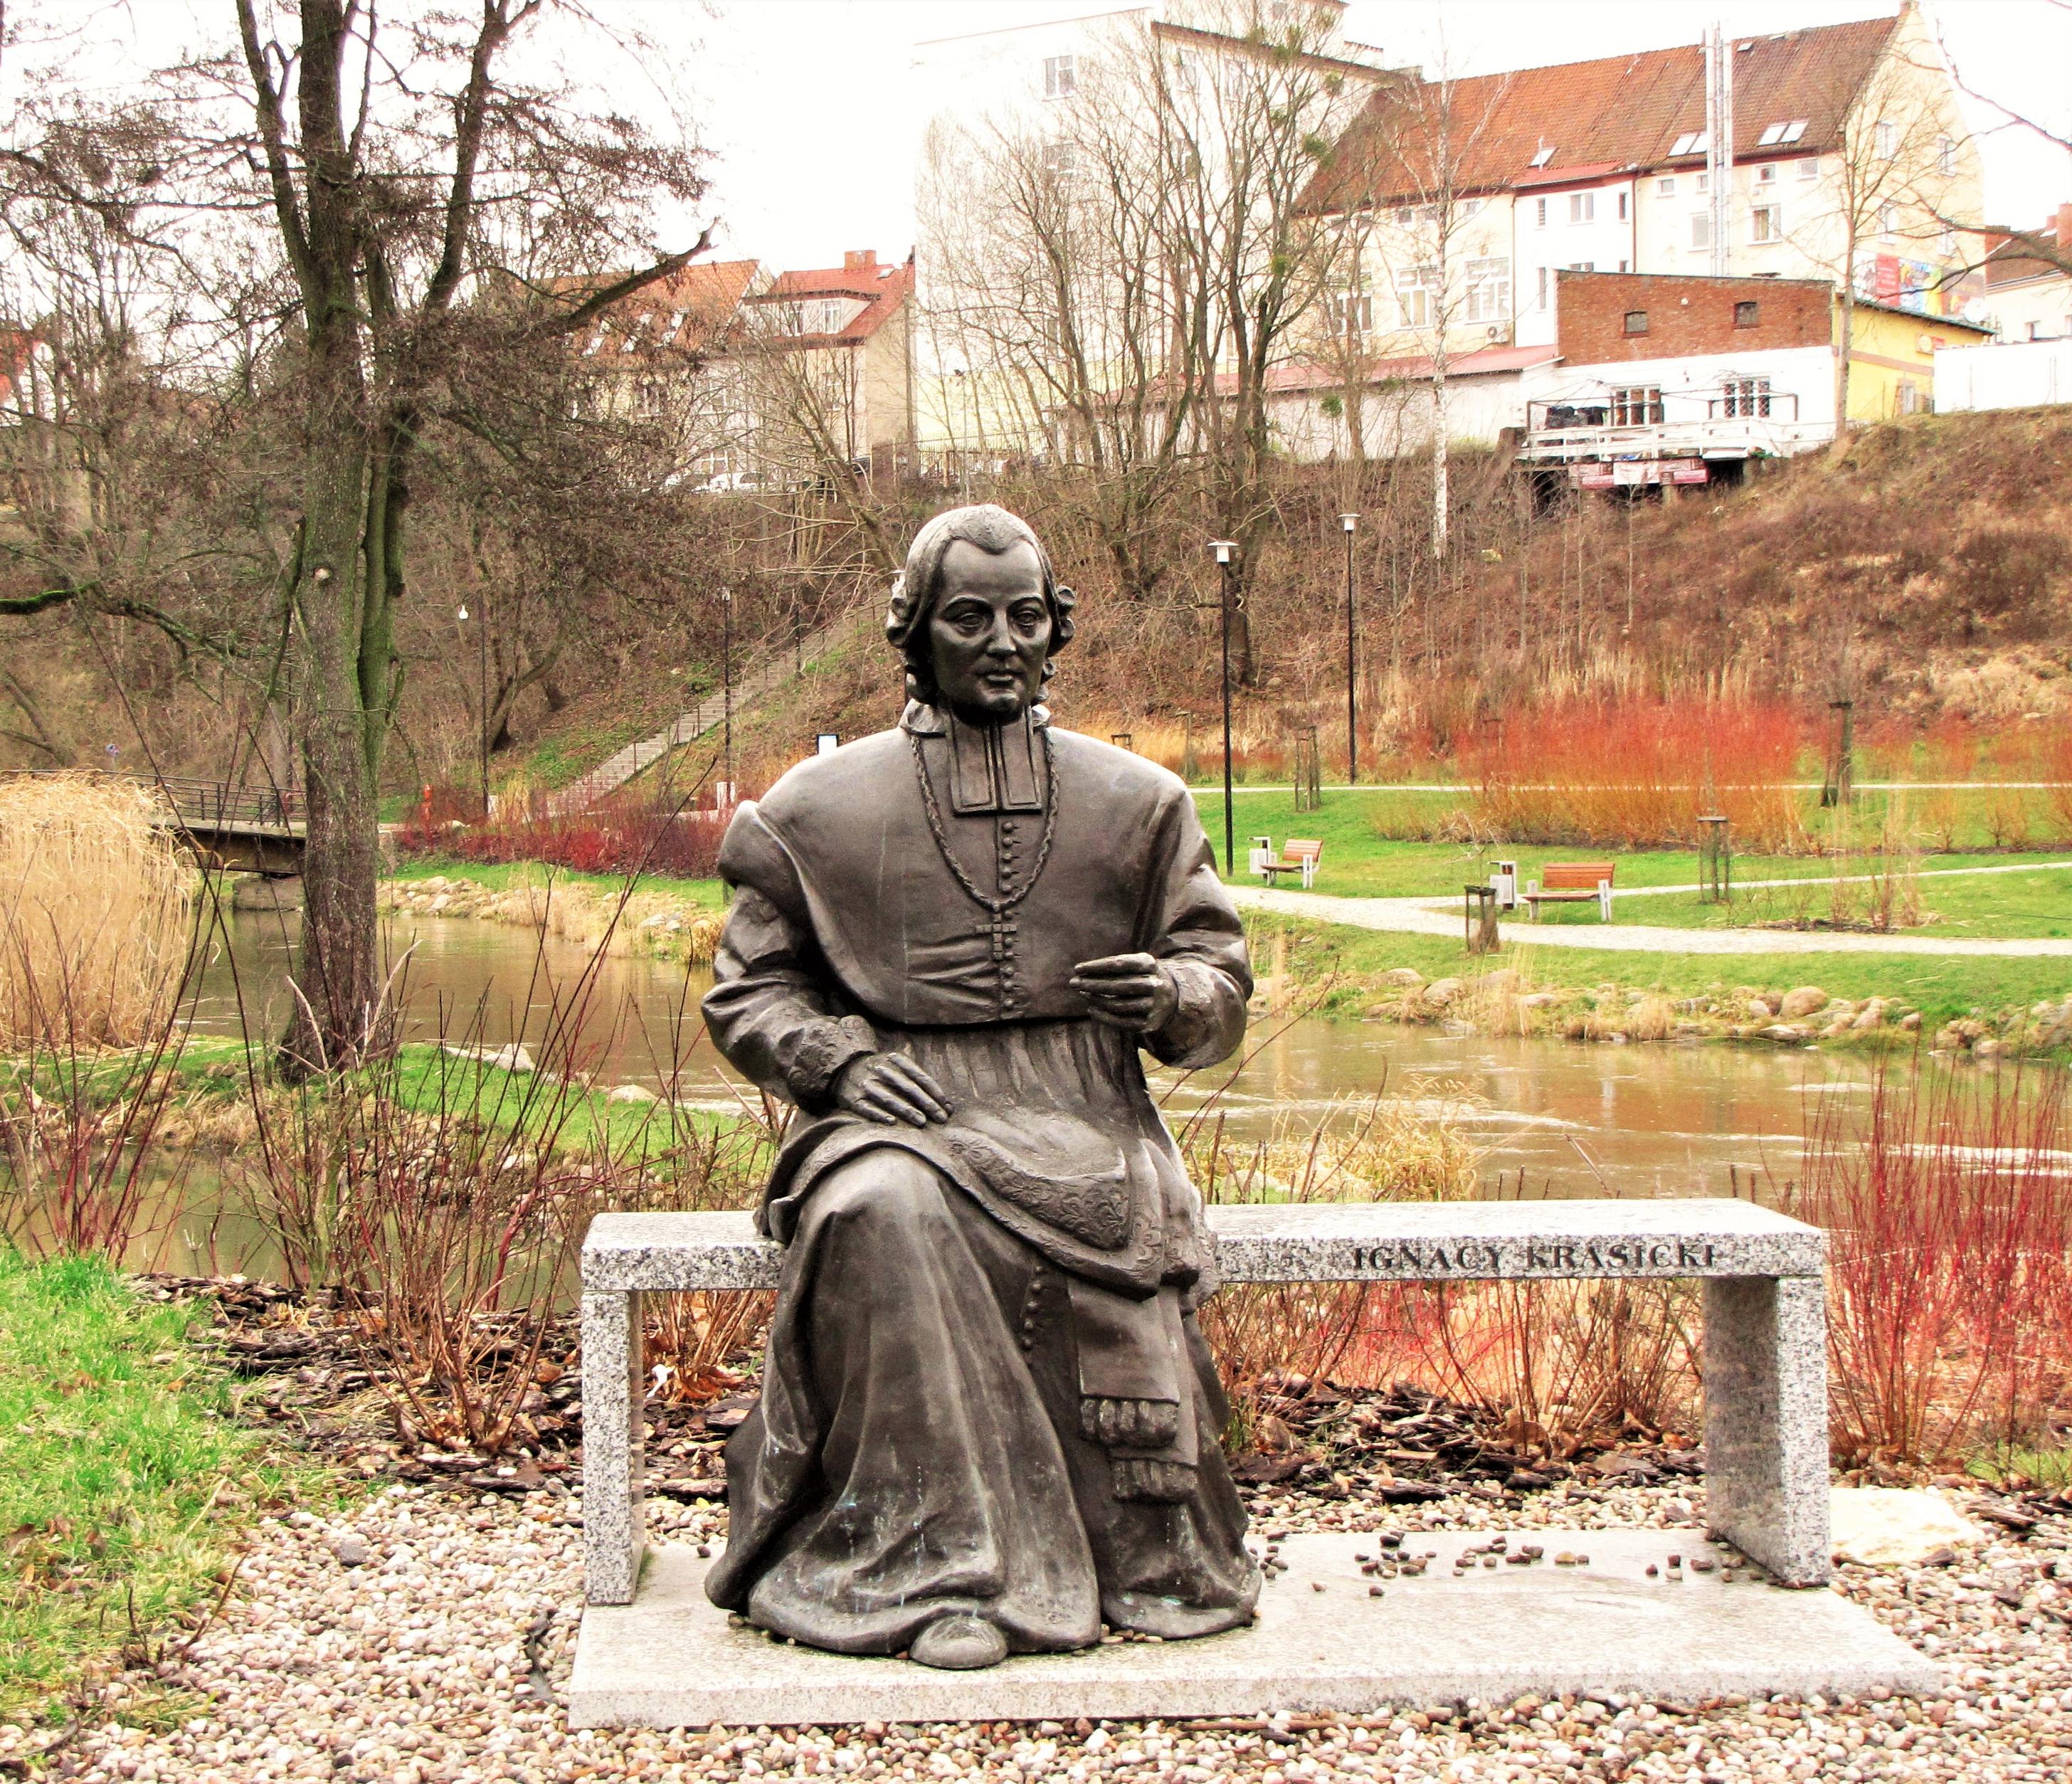 Lidzbark I.Krasicki